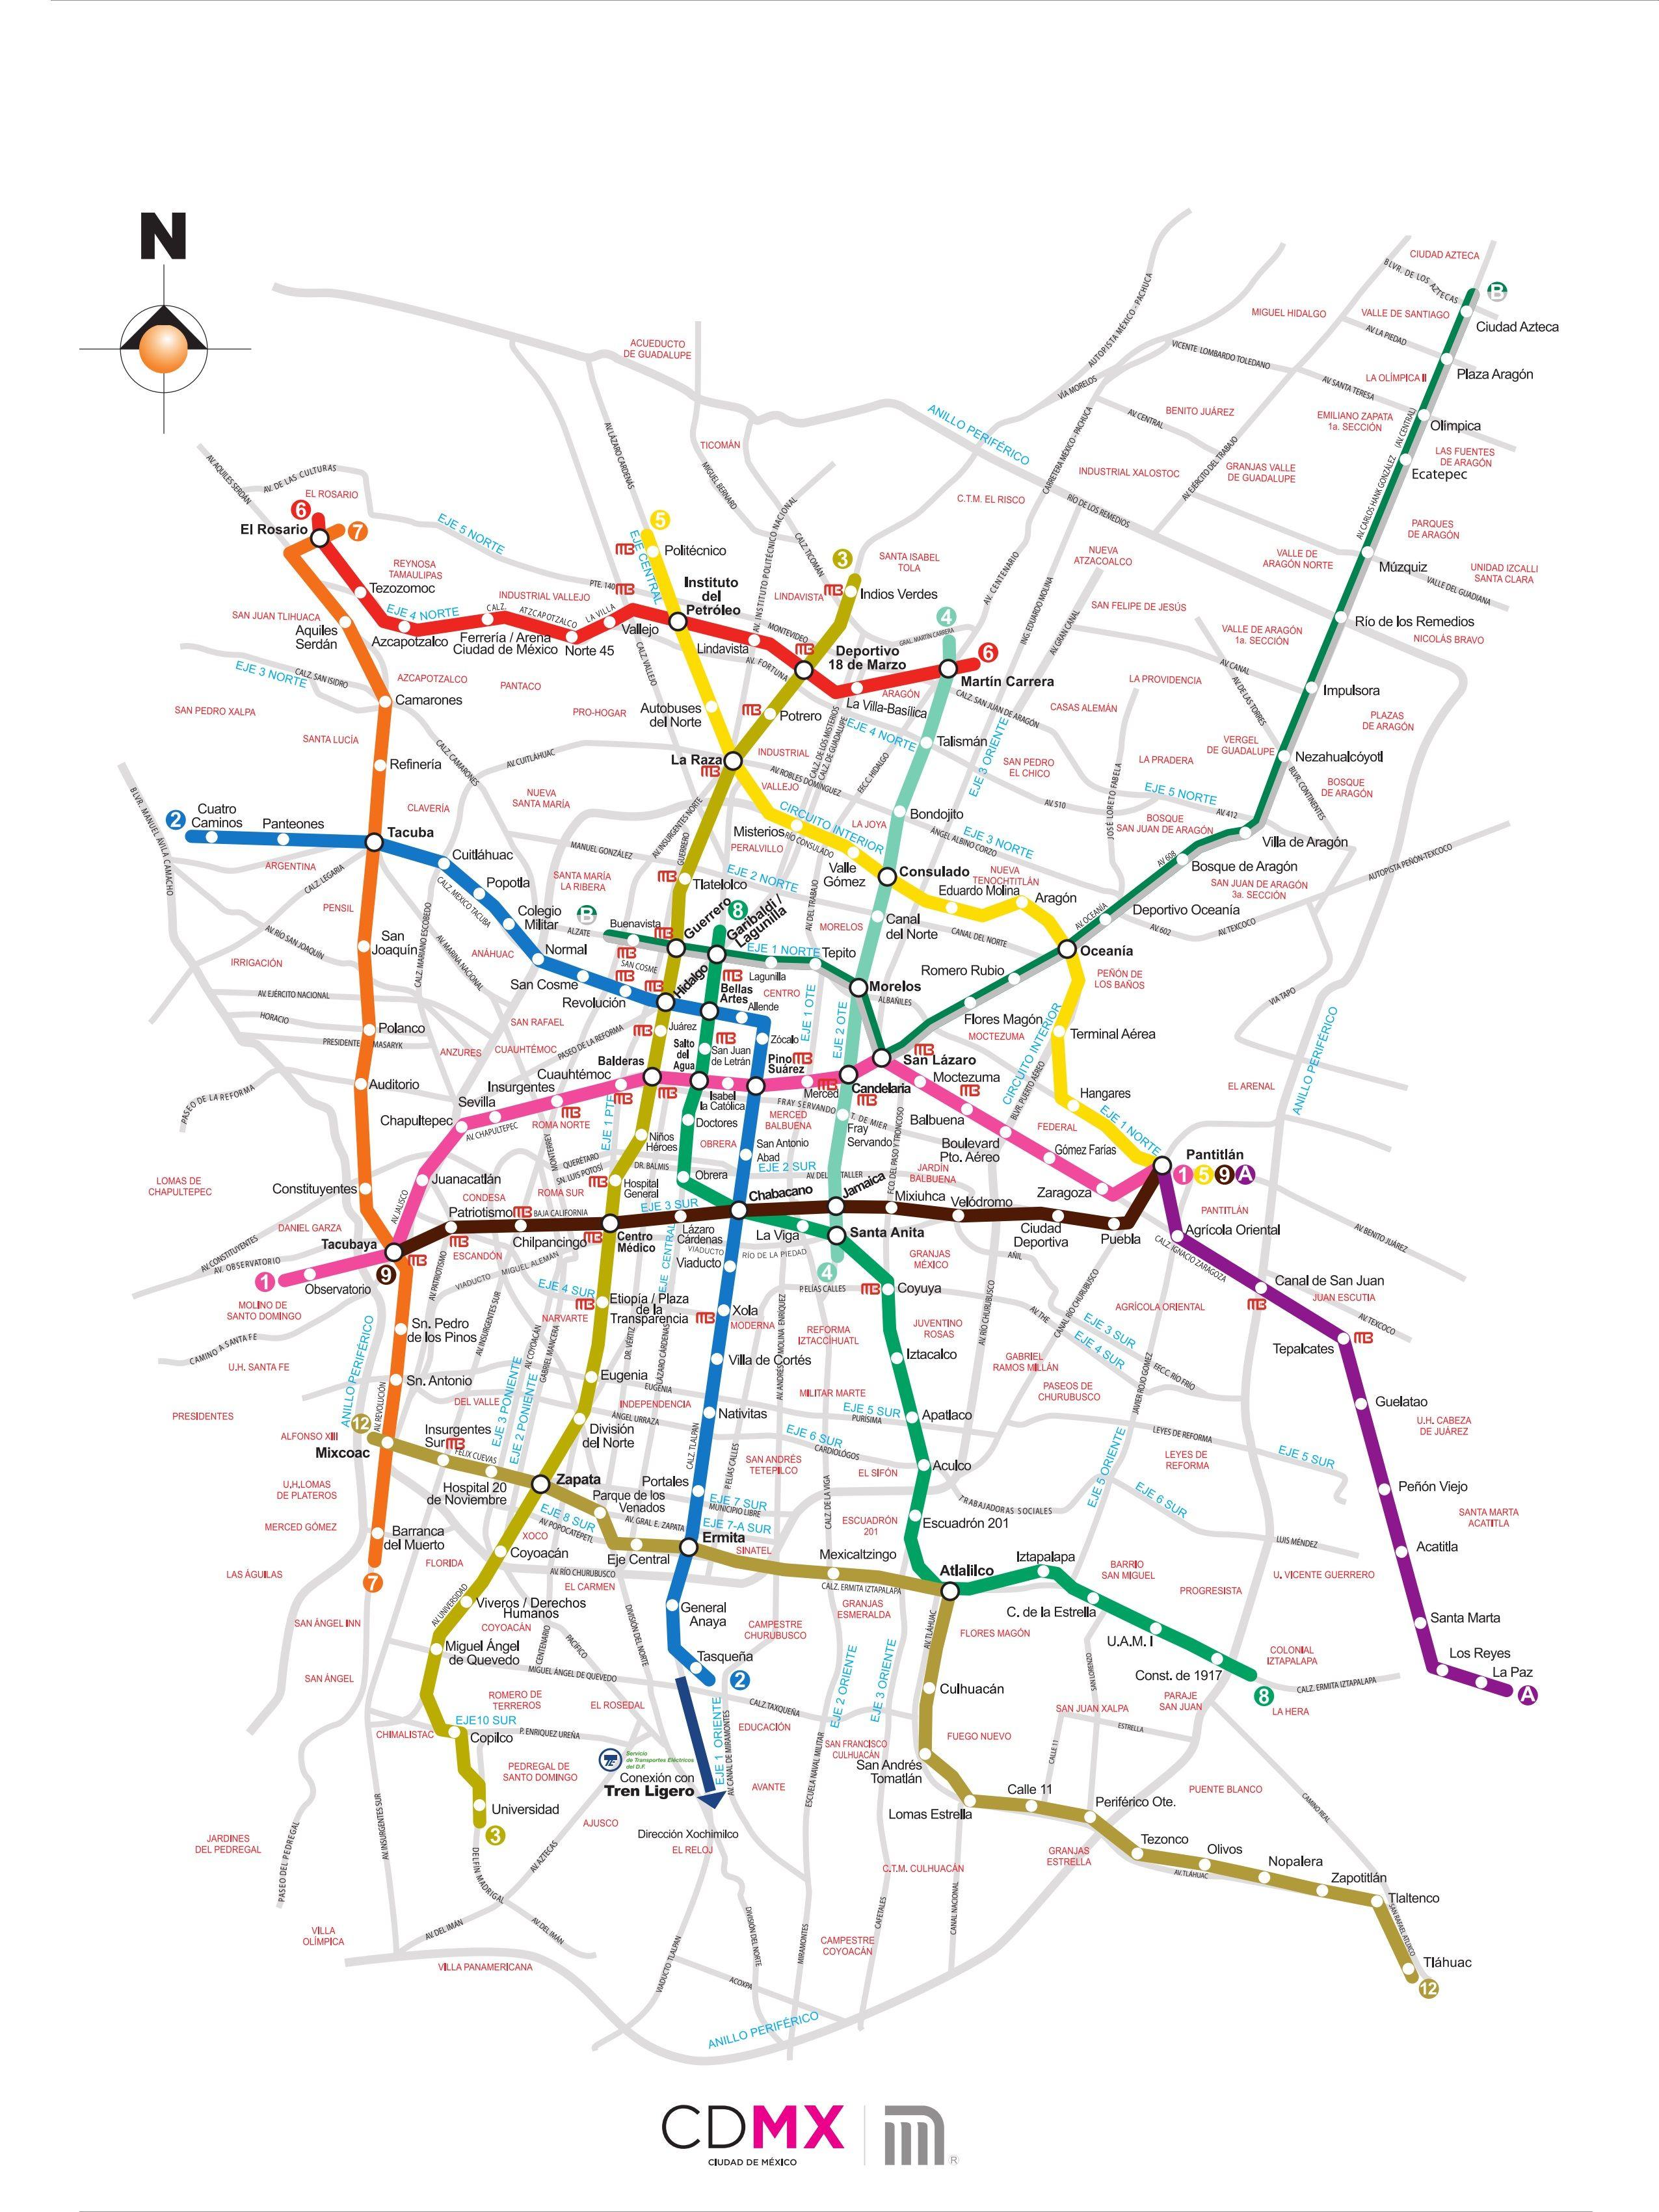 Mapa de la Red | Mapa del metro, Metro ciudad de mexico, Ciudad de mexico  mapa